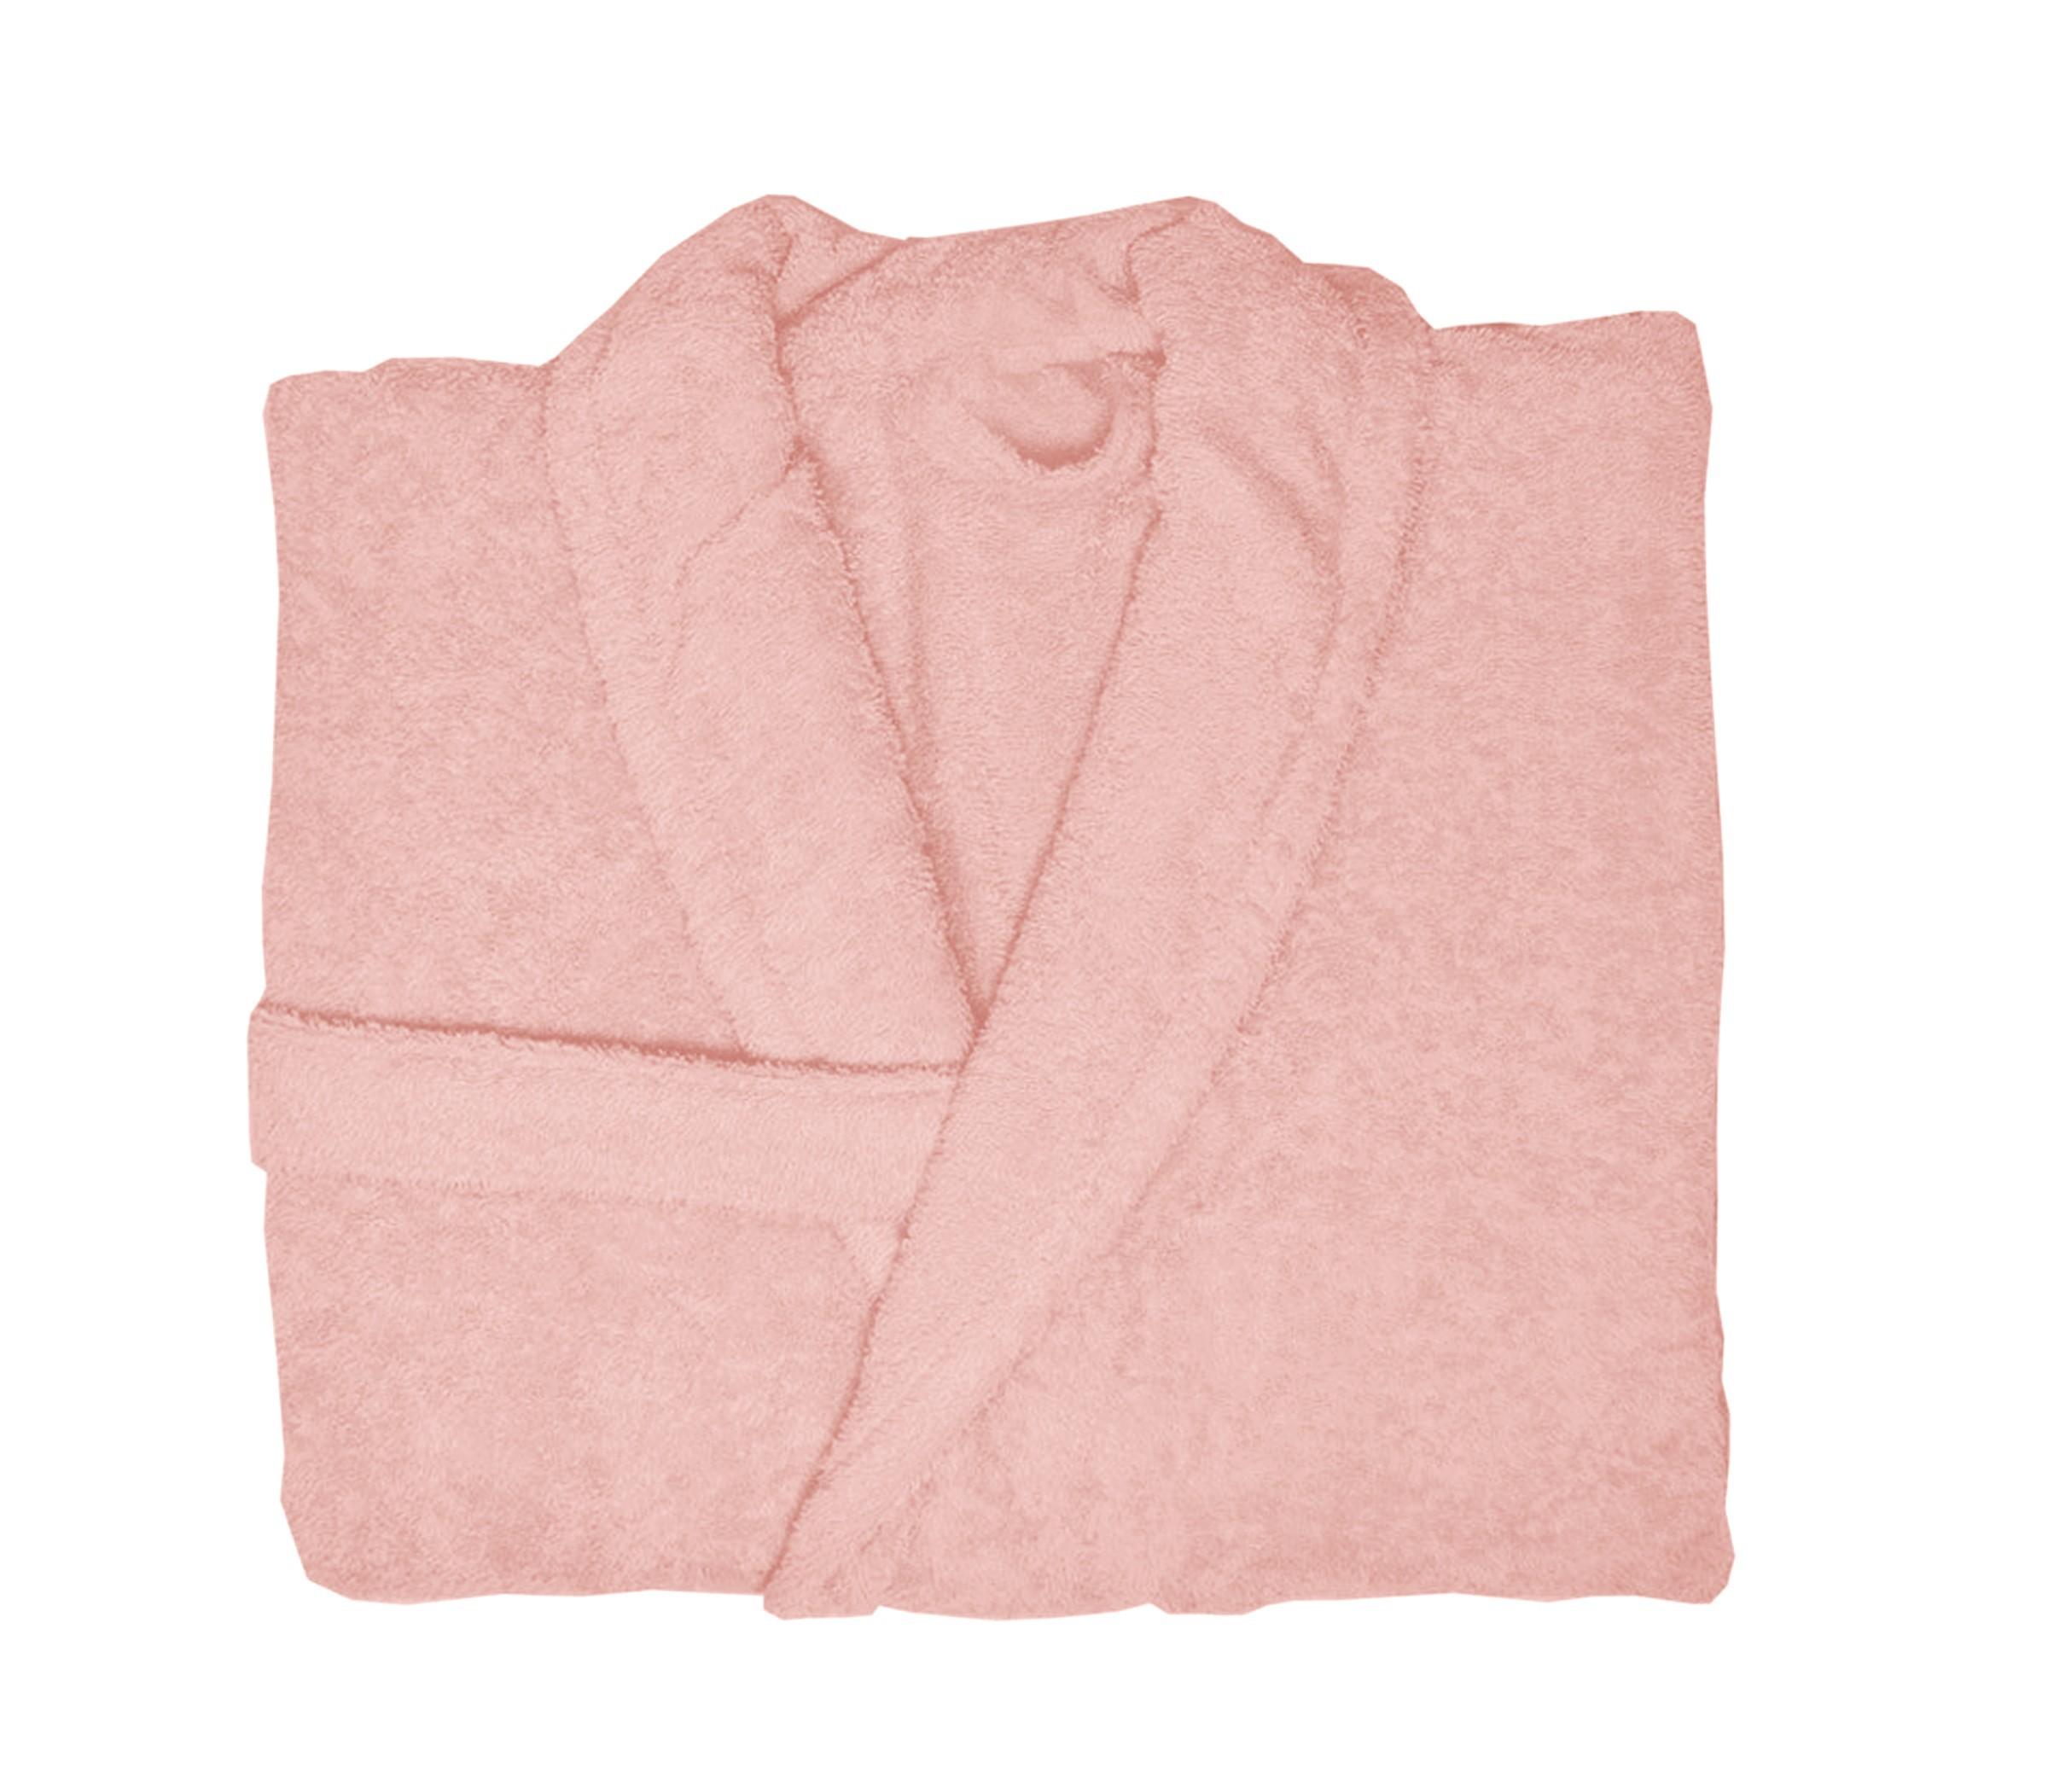 Μπουρνούζι Με Γιακά Nef Nef Status Powder Pink